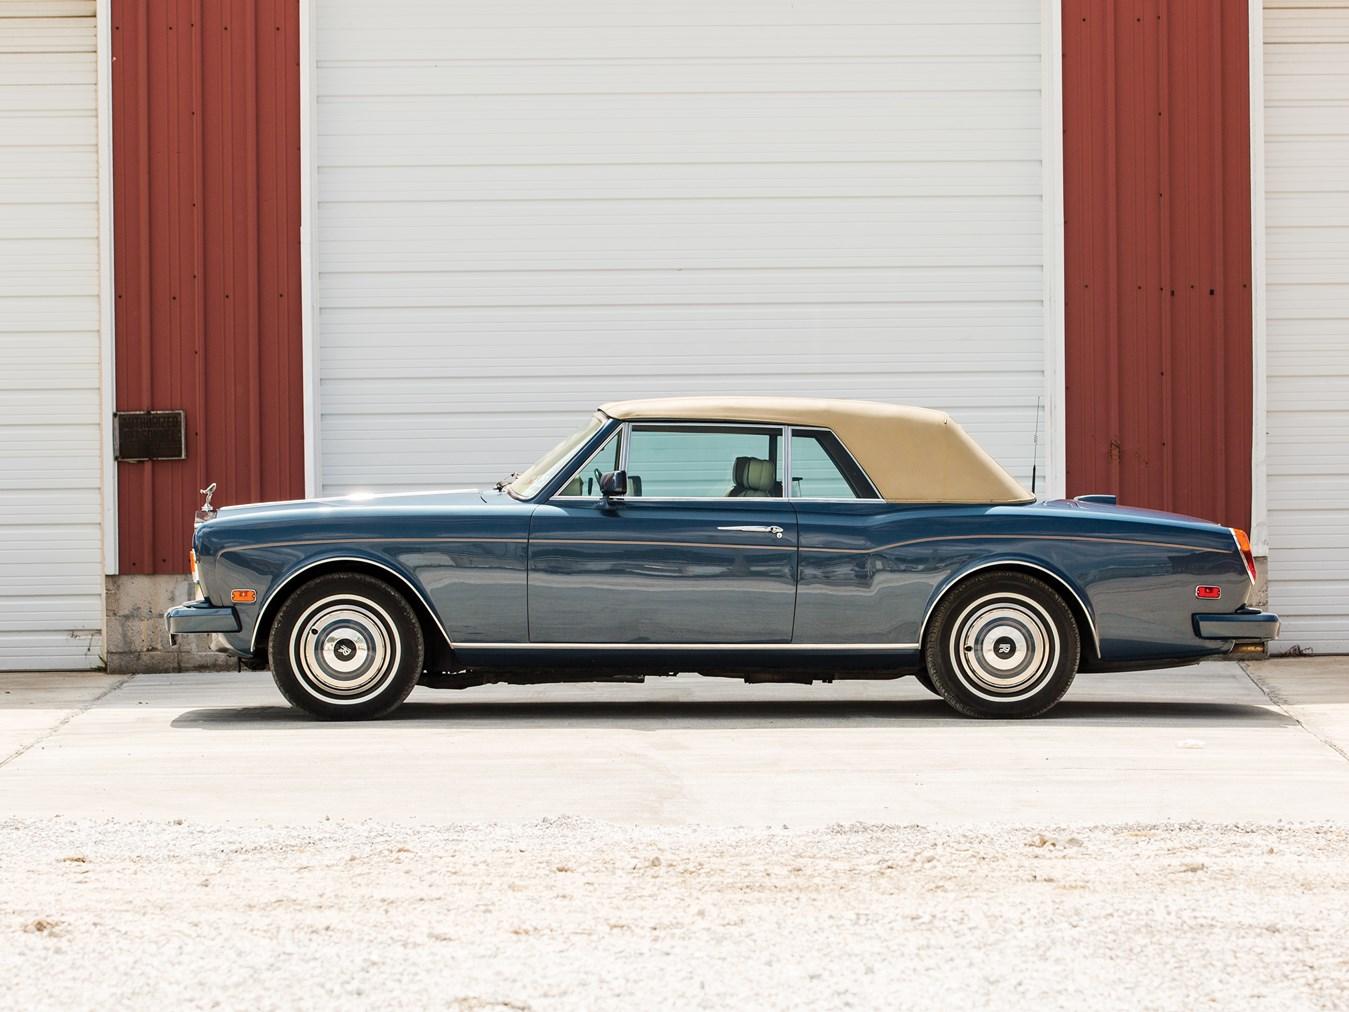 1985 Rolls-Royce Corniche Drophead Coupe profile